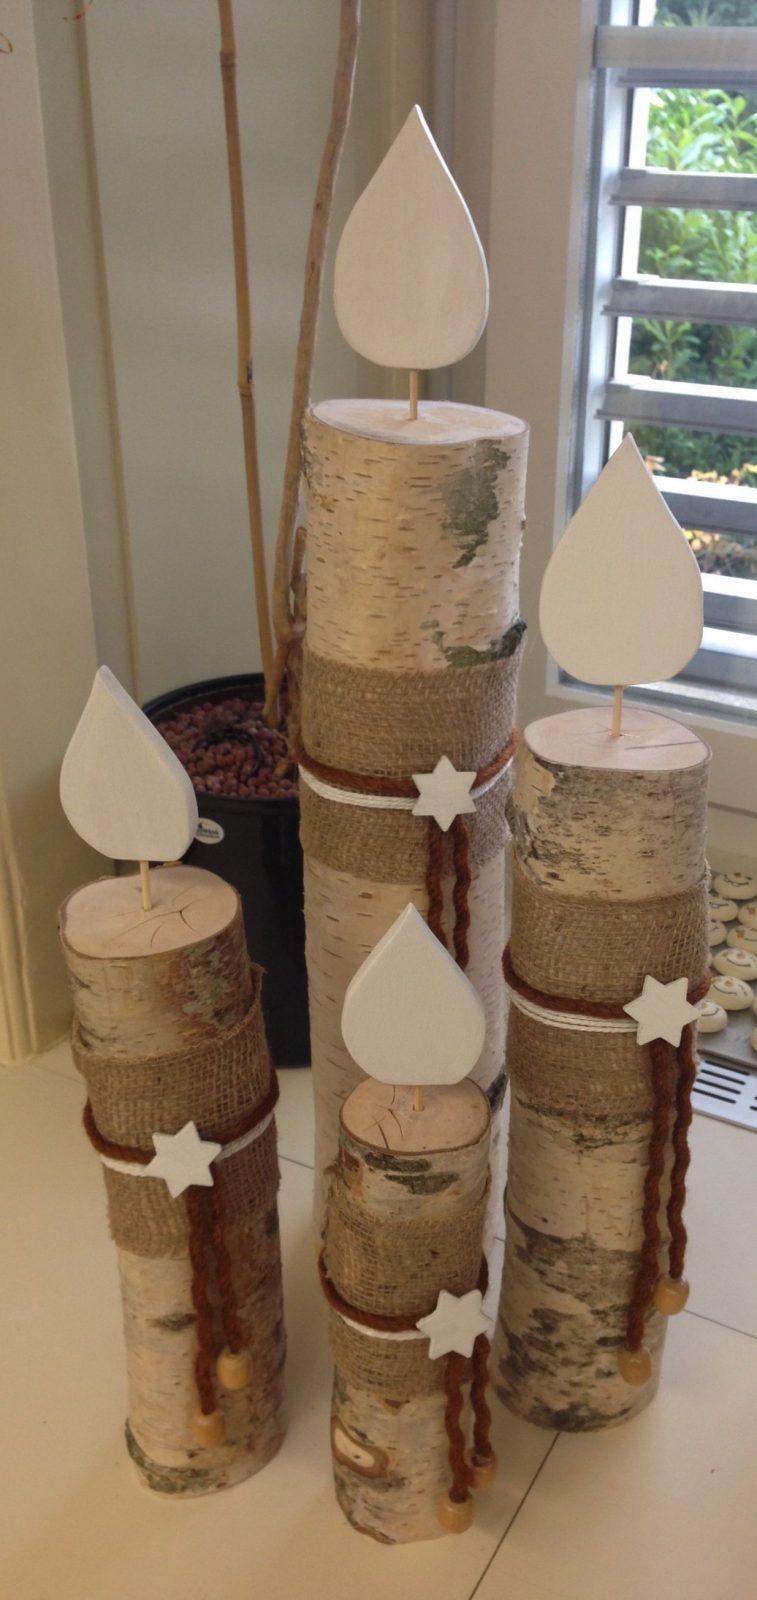 Kerzen Aus Einem Birkenstamm  Kerst  Weihnachtsdeko Holz Herbst von Weihnachtsdeko Für Draussen Selber Basteln Bild